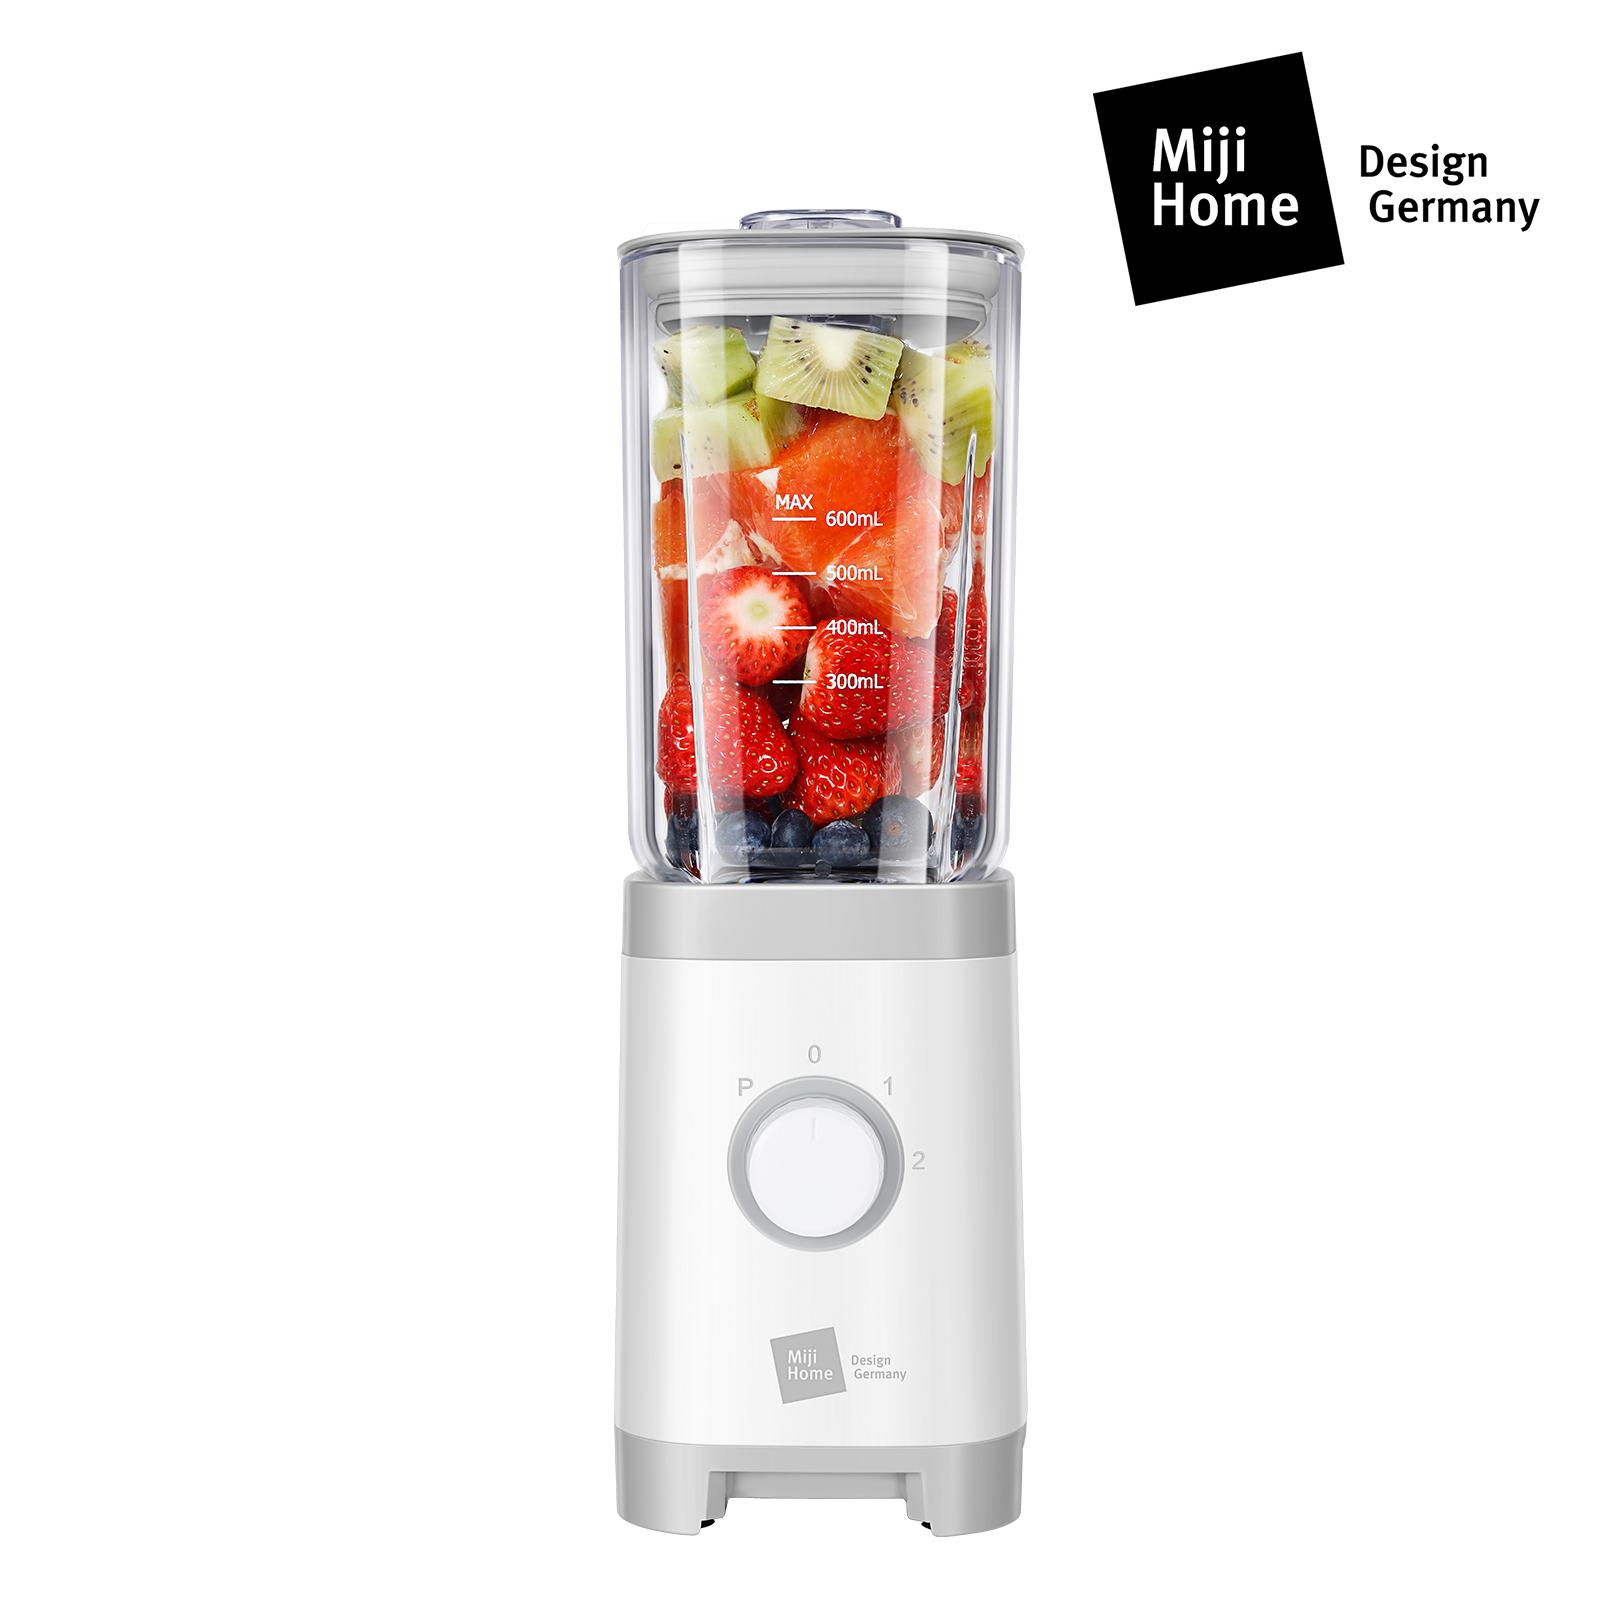 NIJI米技榨汁机便携 随身杯多功能炸果汁辅食料理机搅拌机果汁杯 德国精工 MB-2301